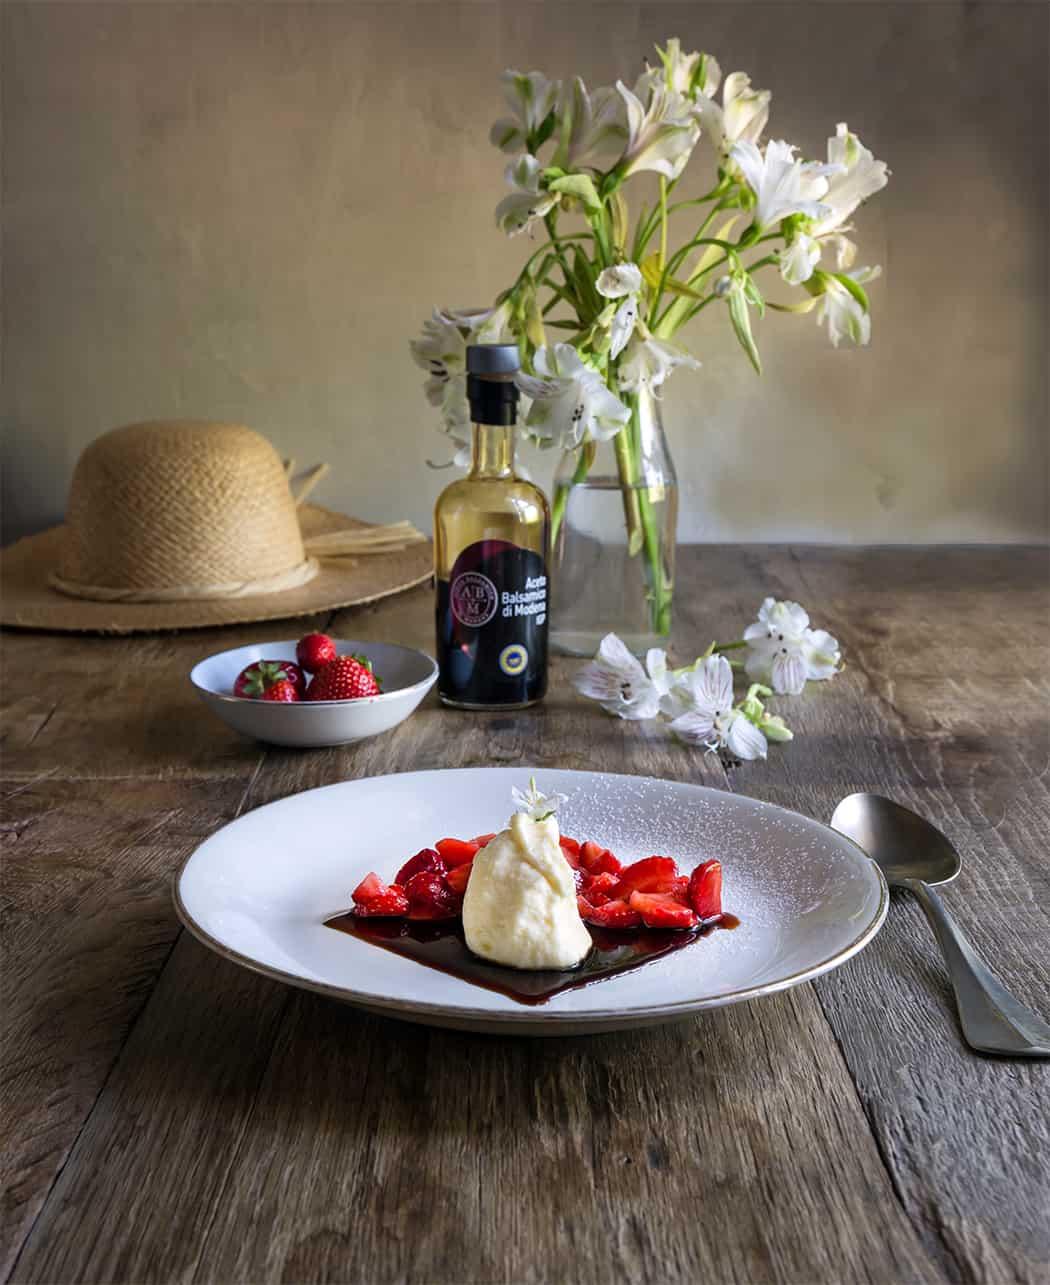 ricetta mascarpone alle fragole con aceto balsamico